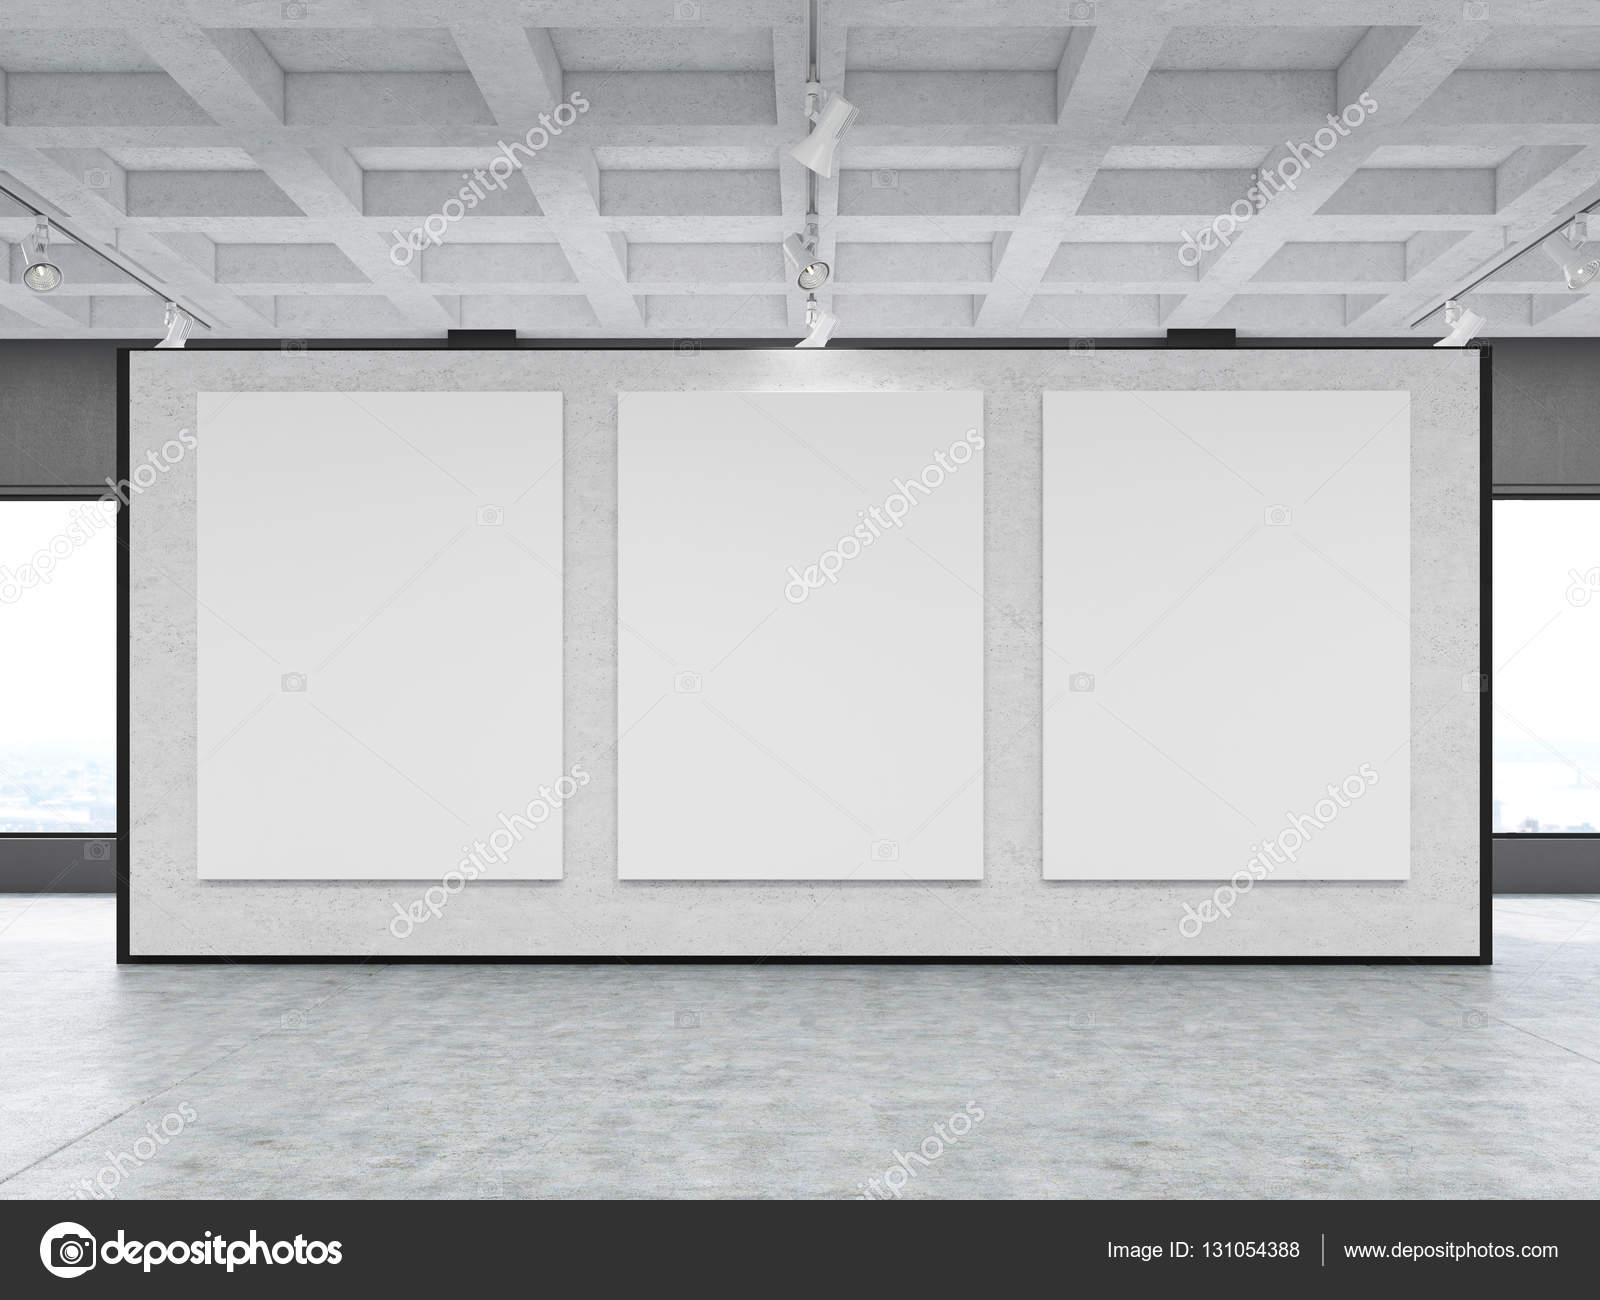 Schon Vorderansicht Der Drei Großen Vertikalen Poster Liegt Auf Eine Graue Wand  In Einer Galerie. Konzept Der Modernen Kunst Und Marketing. 3D Rendering.